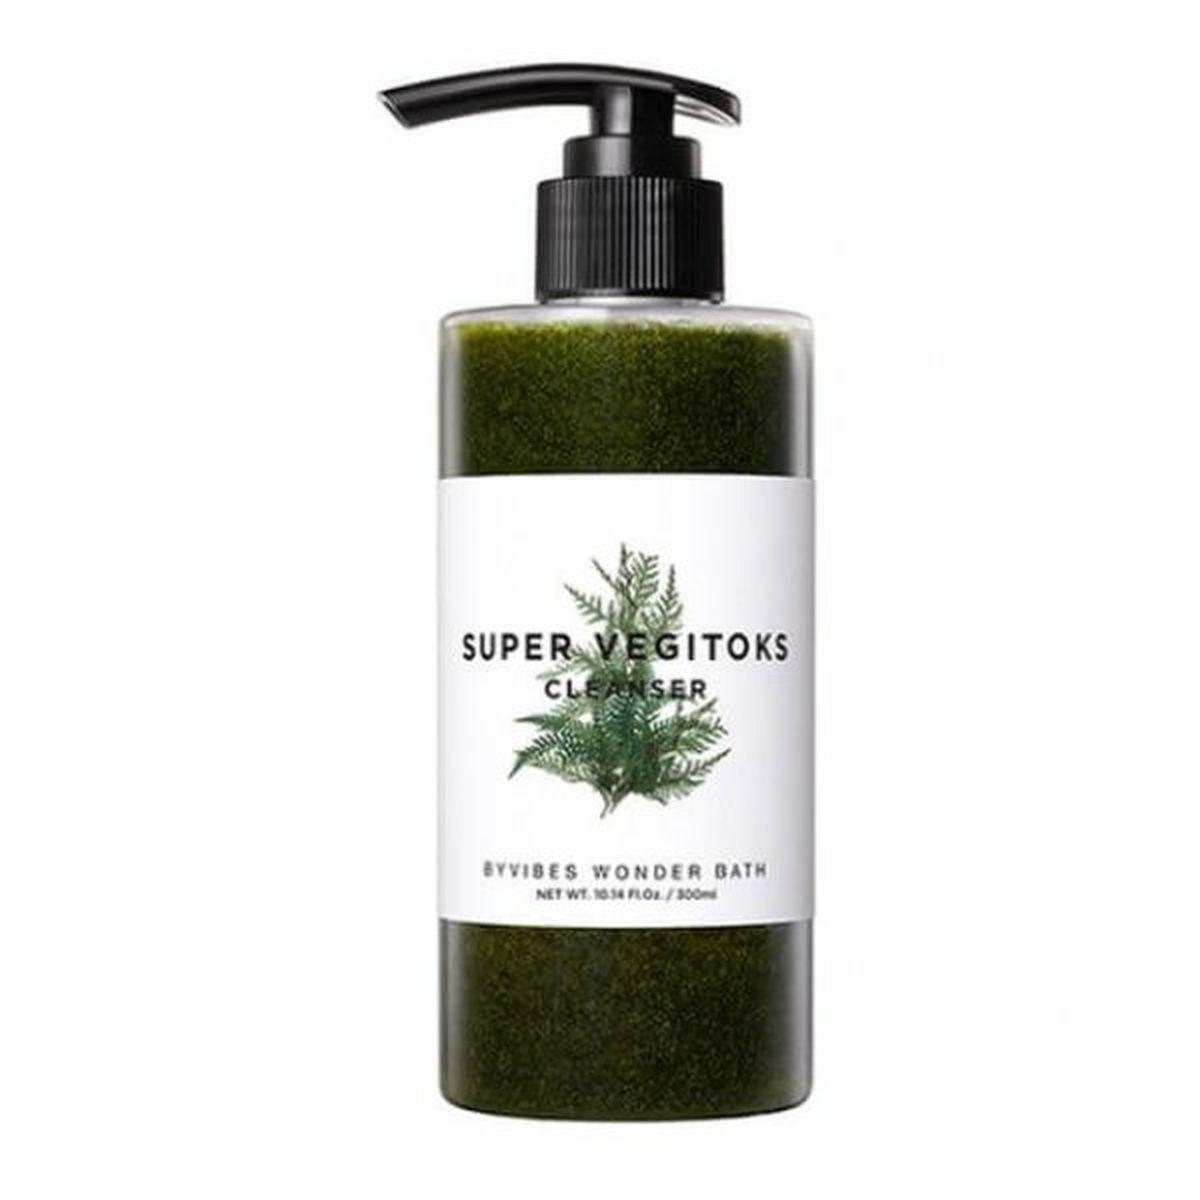 Универсальная детокс пенка Wonder Bath Super Vegitoks Cleanser Green - 200 мл